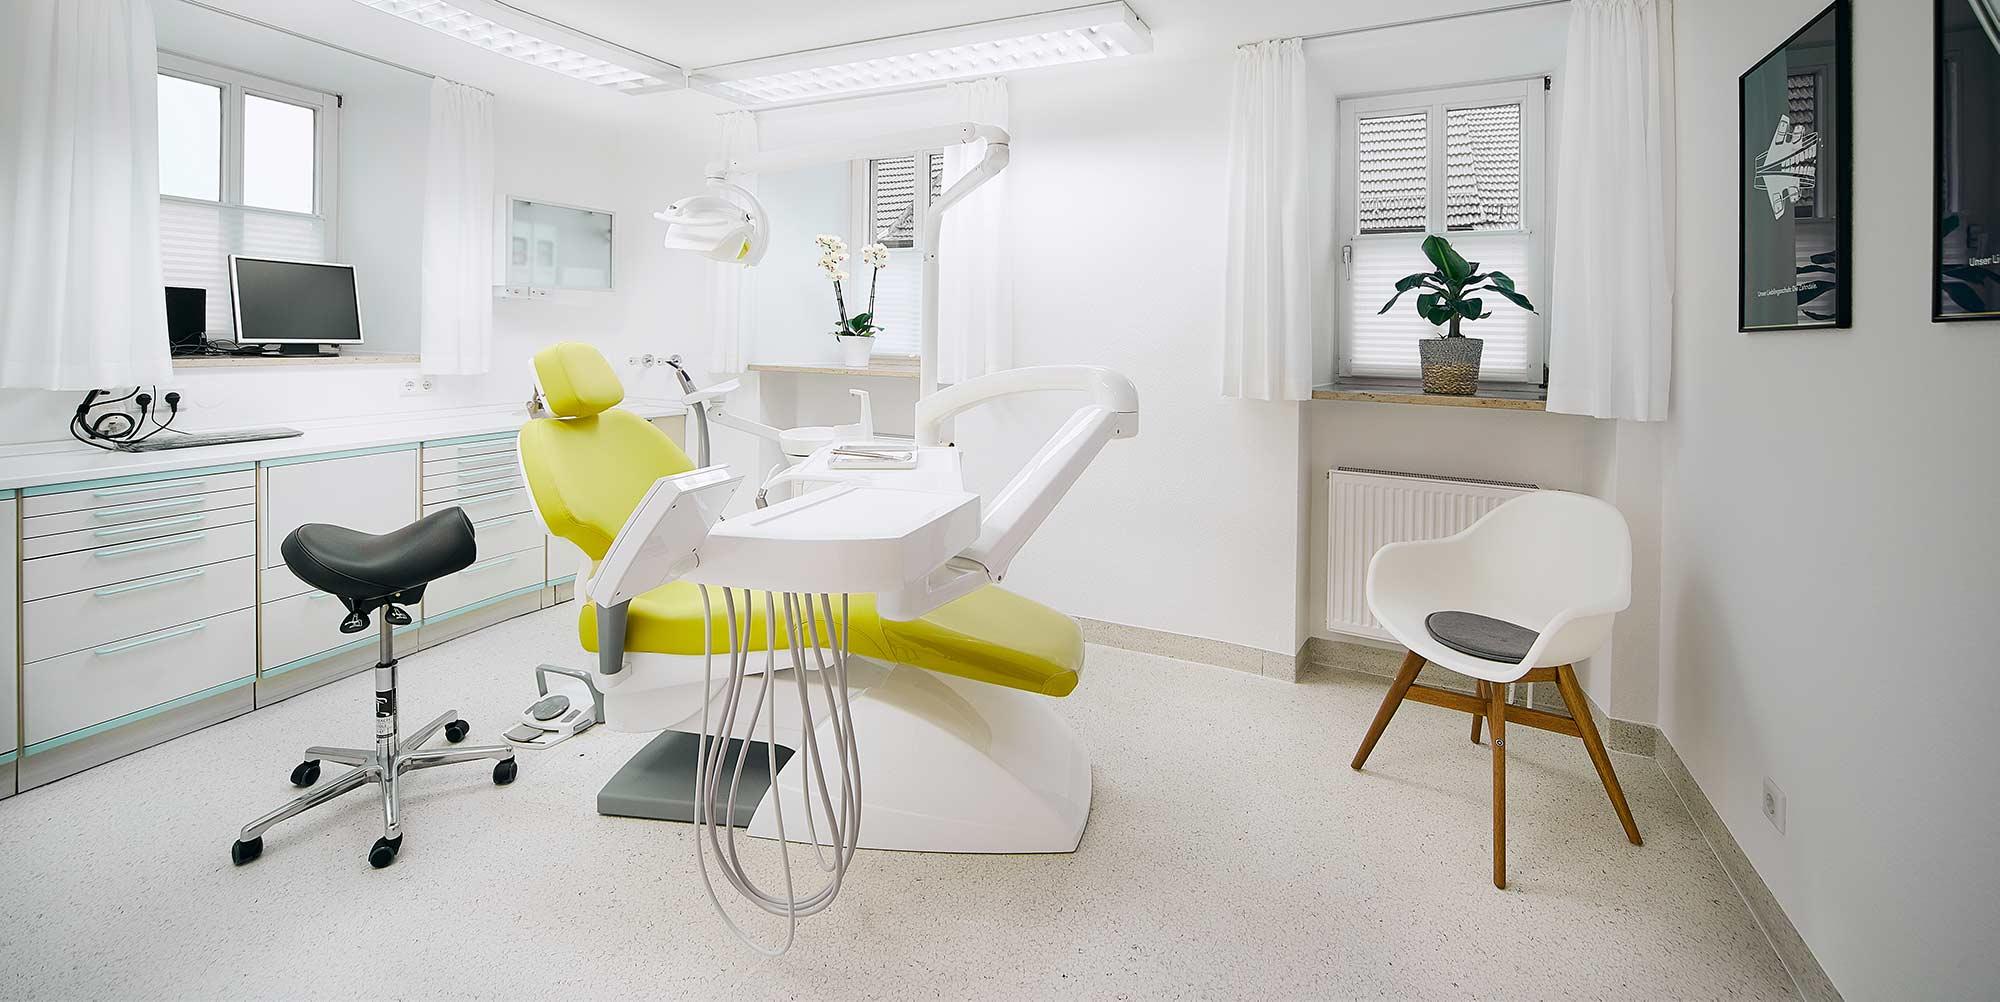 Zahnarzt Praxis Neubrunn Ausstattung